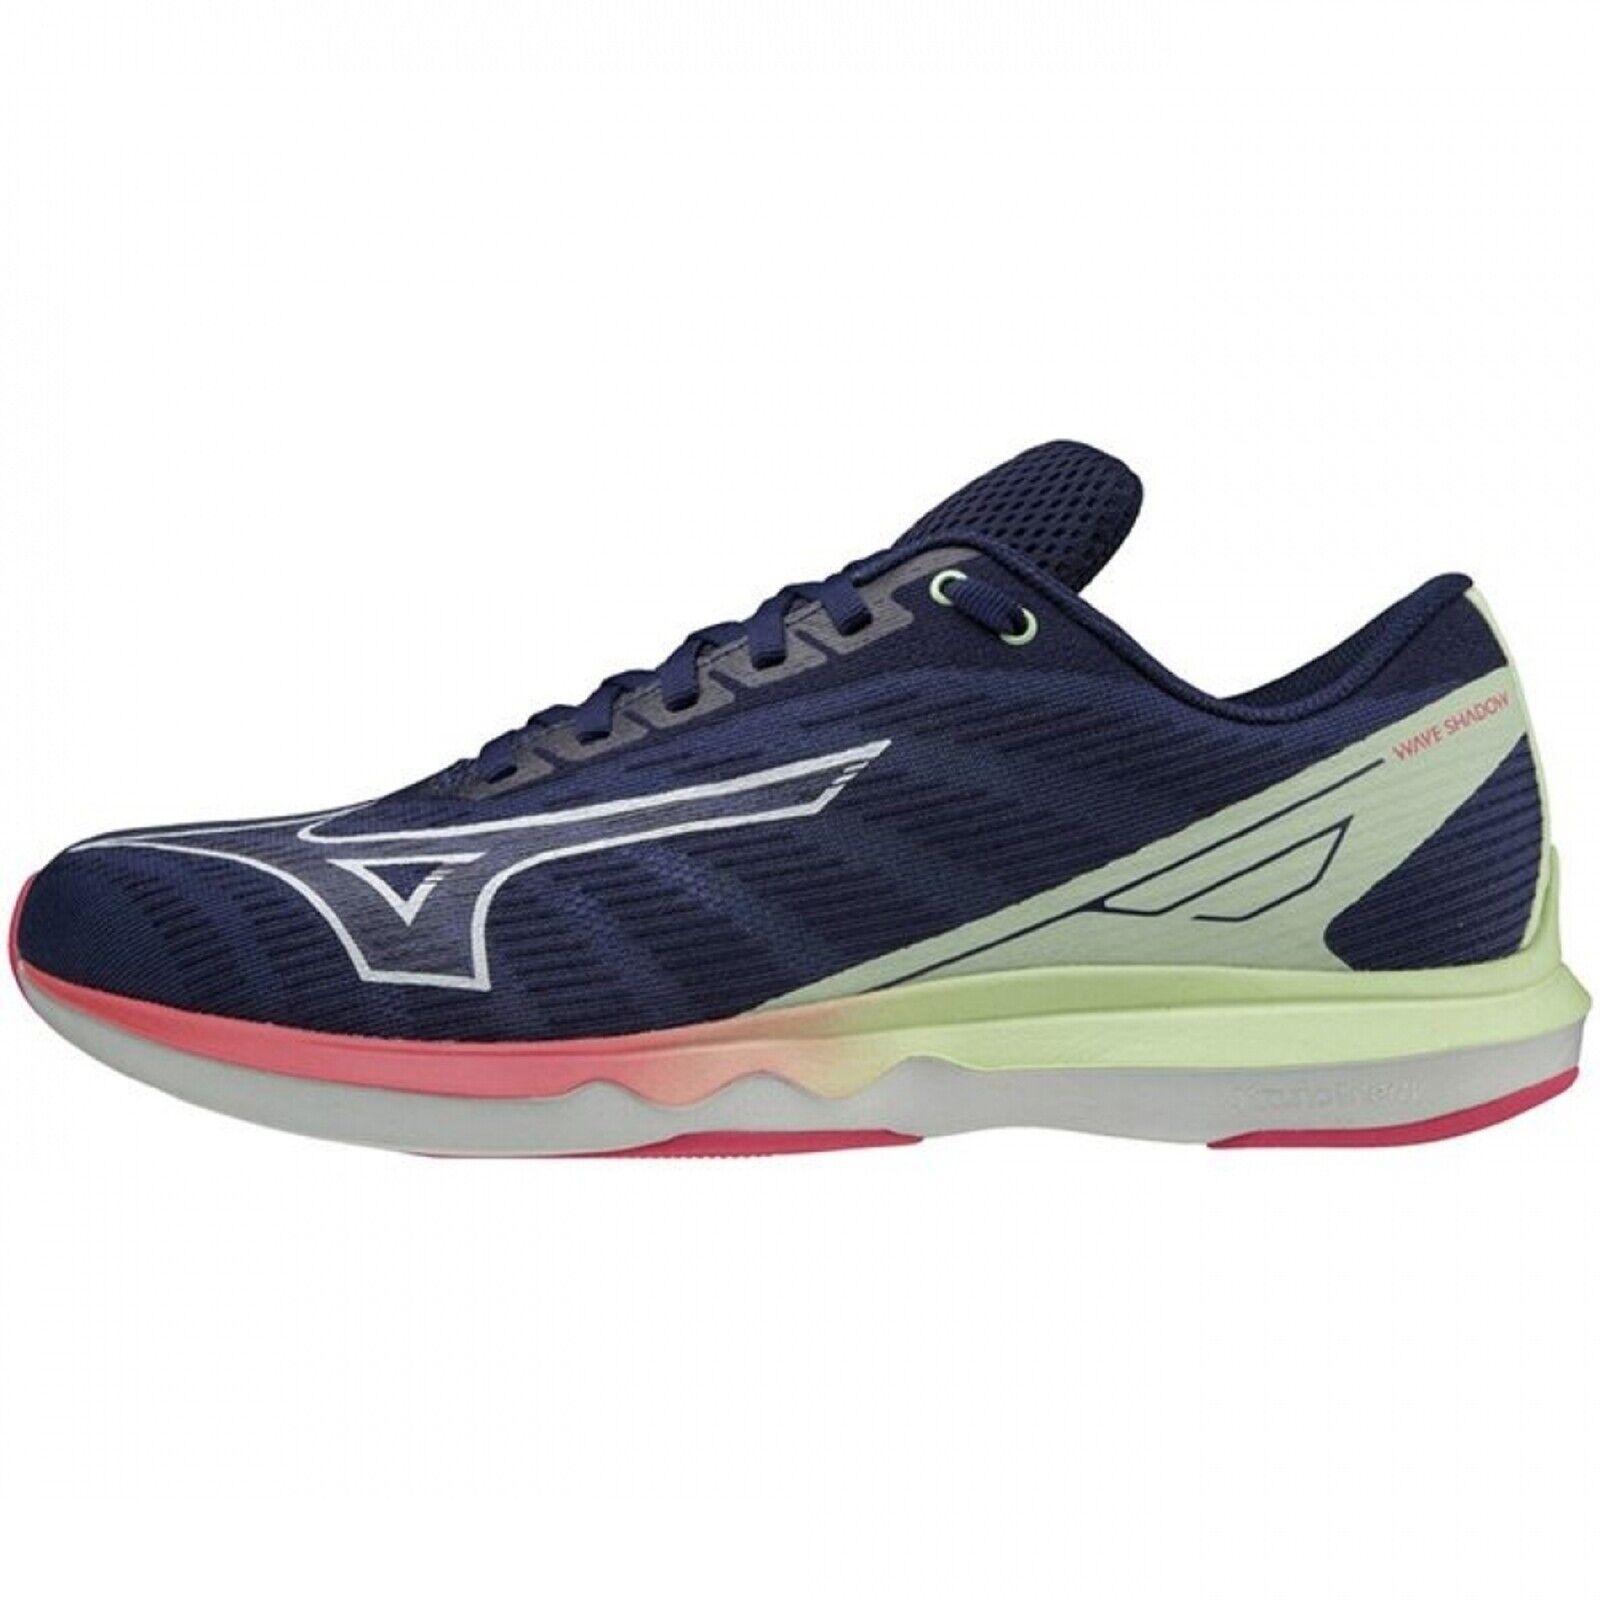 Mizuno Wave Shadow 5 [J1GC213025] Men Running Shoes Navy / White / Volt